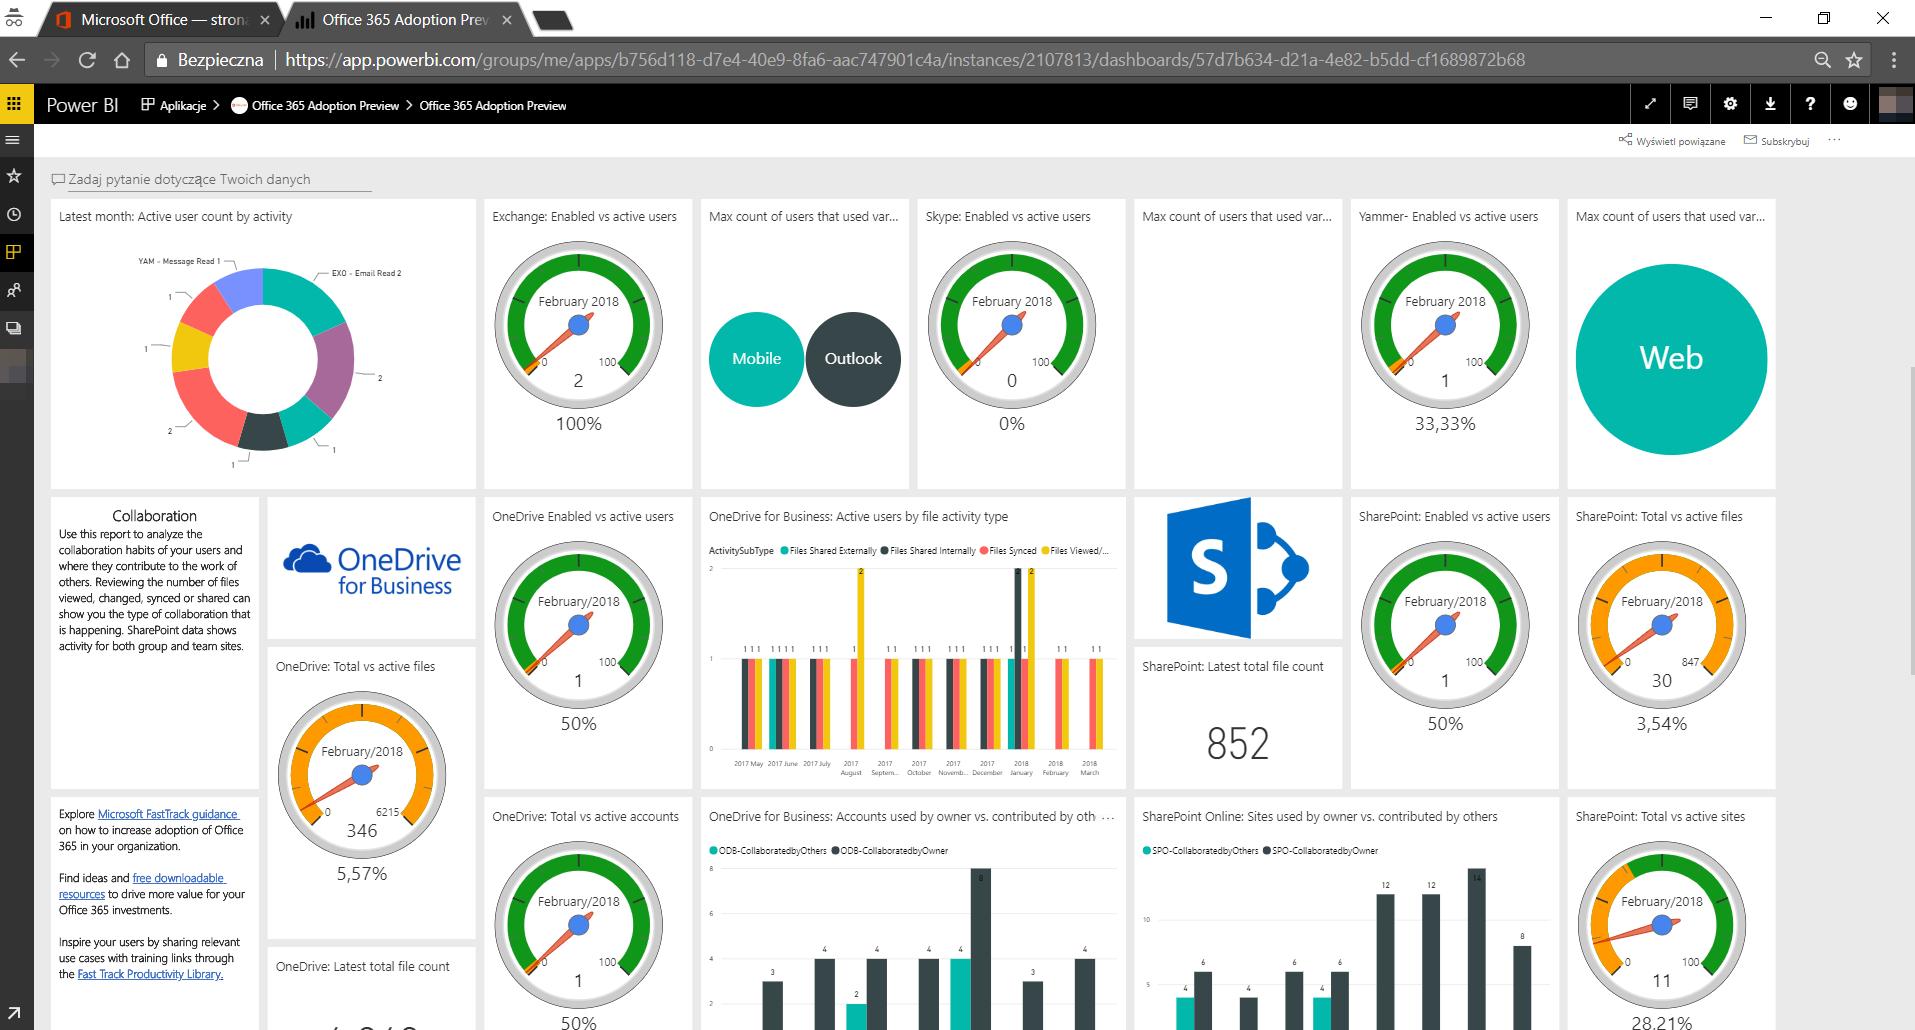 Przykładowy raport PowerBI przedstawiający użycie Office 365